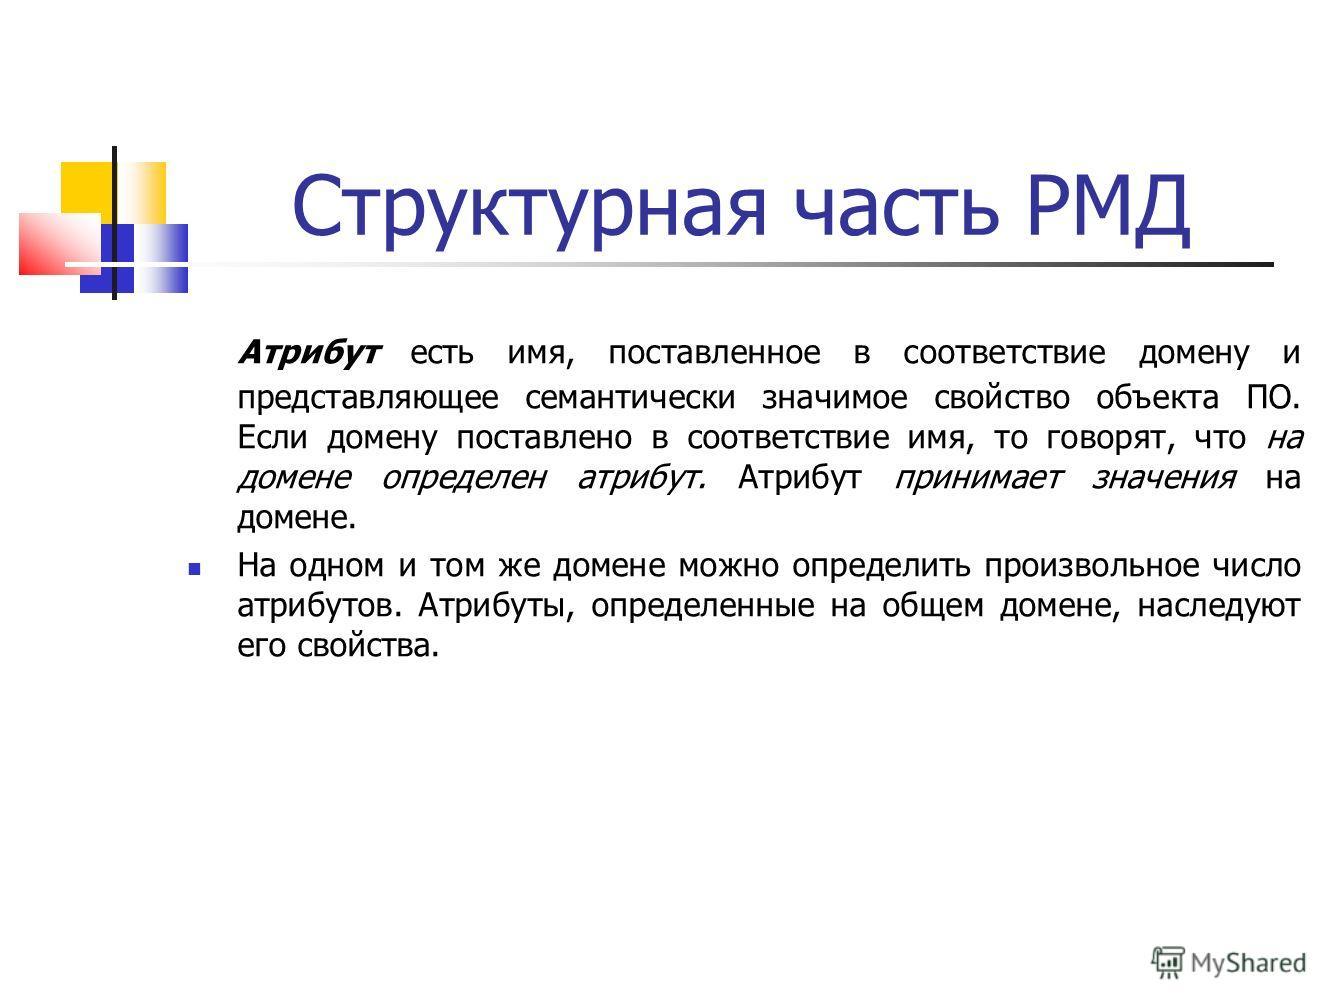 Структурная часть РМД Атрибут есть имя, поставленное в соответствие домену и представляющее семантически значимое свойство объекта ПО. Если домену поставлено в соответствие имя, то говорят, что на домене определен атрибут. Атрибут принимает значения